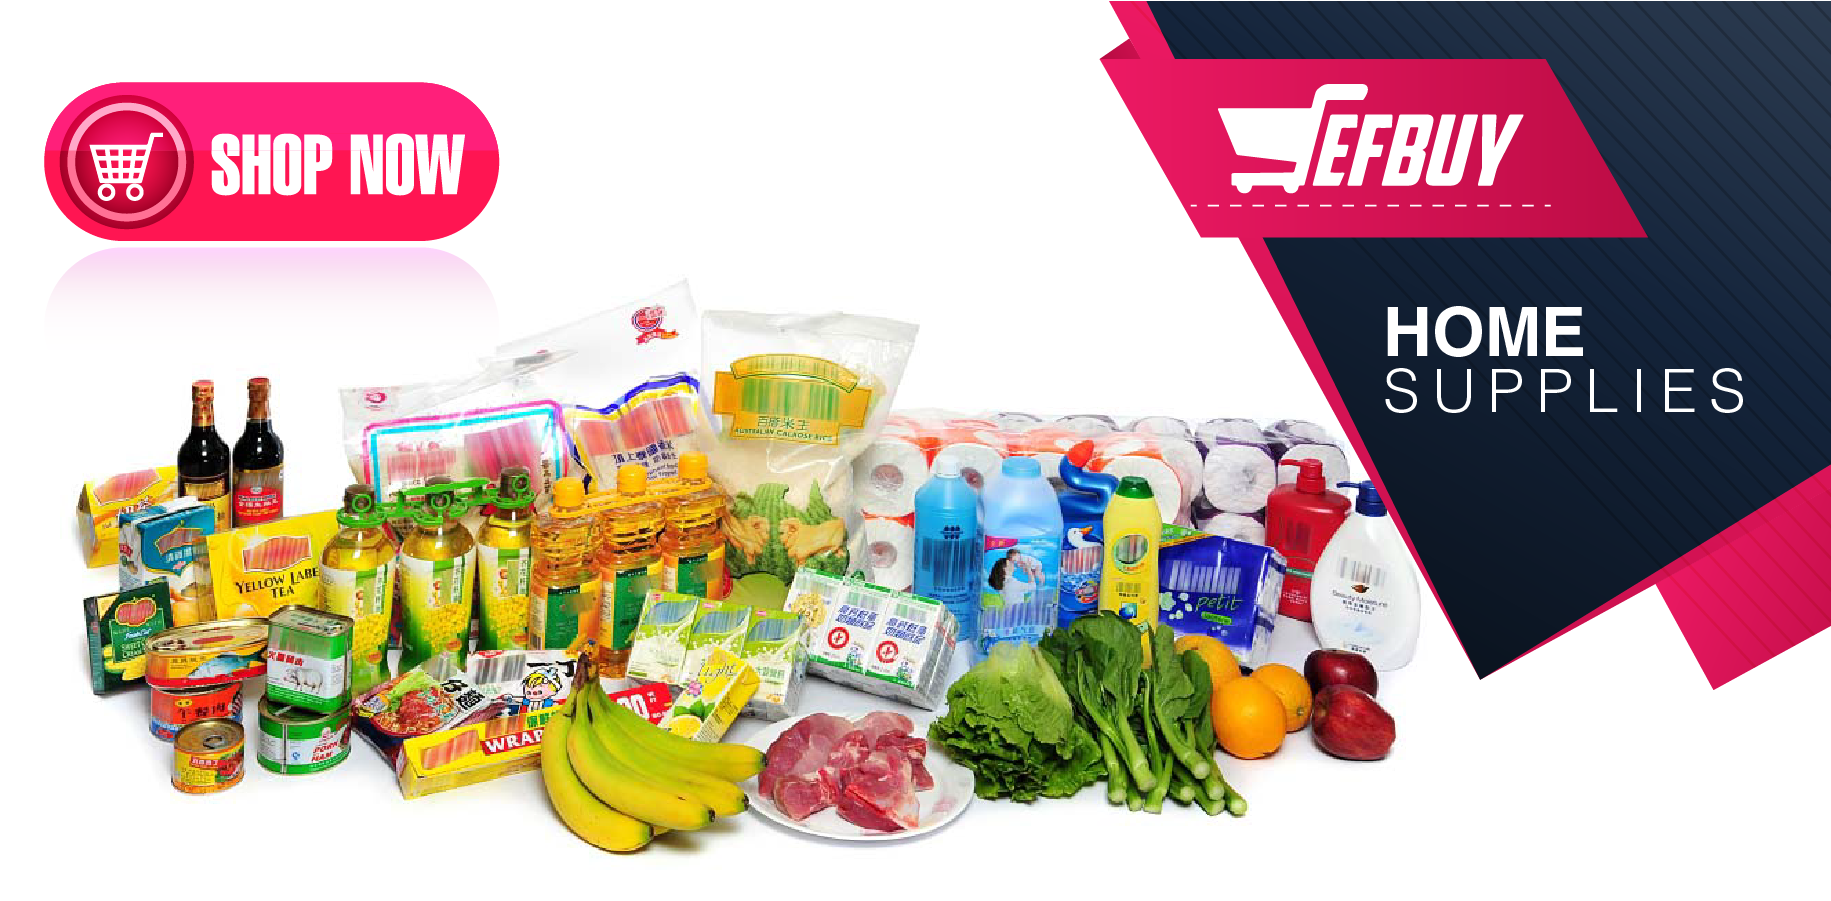 Supermarket supplies.